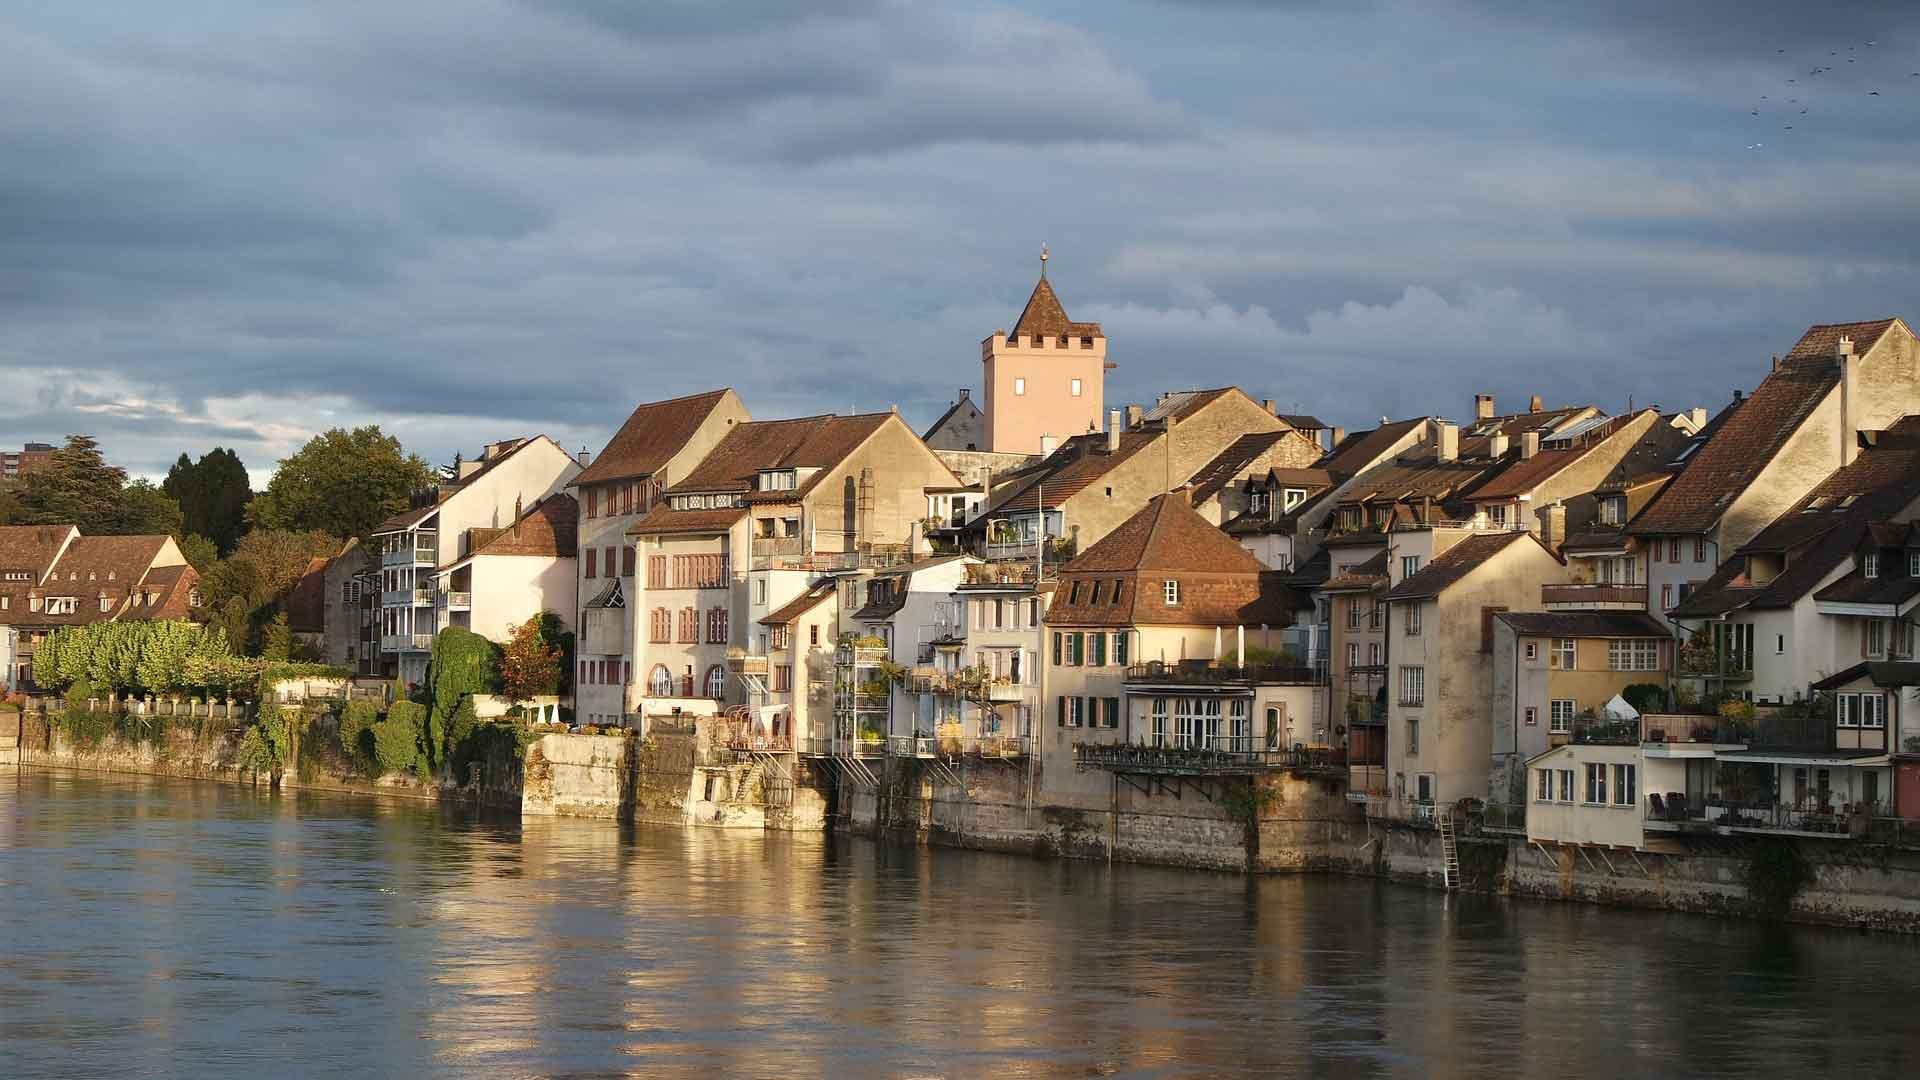 Rheinfelden ligt vlak bij Basel aan de Rijn.